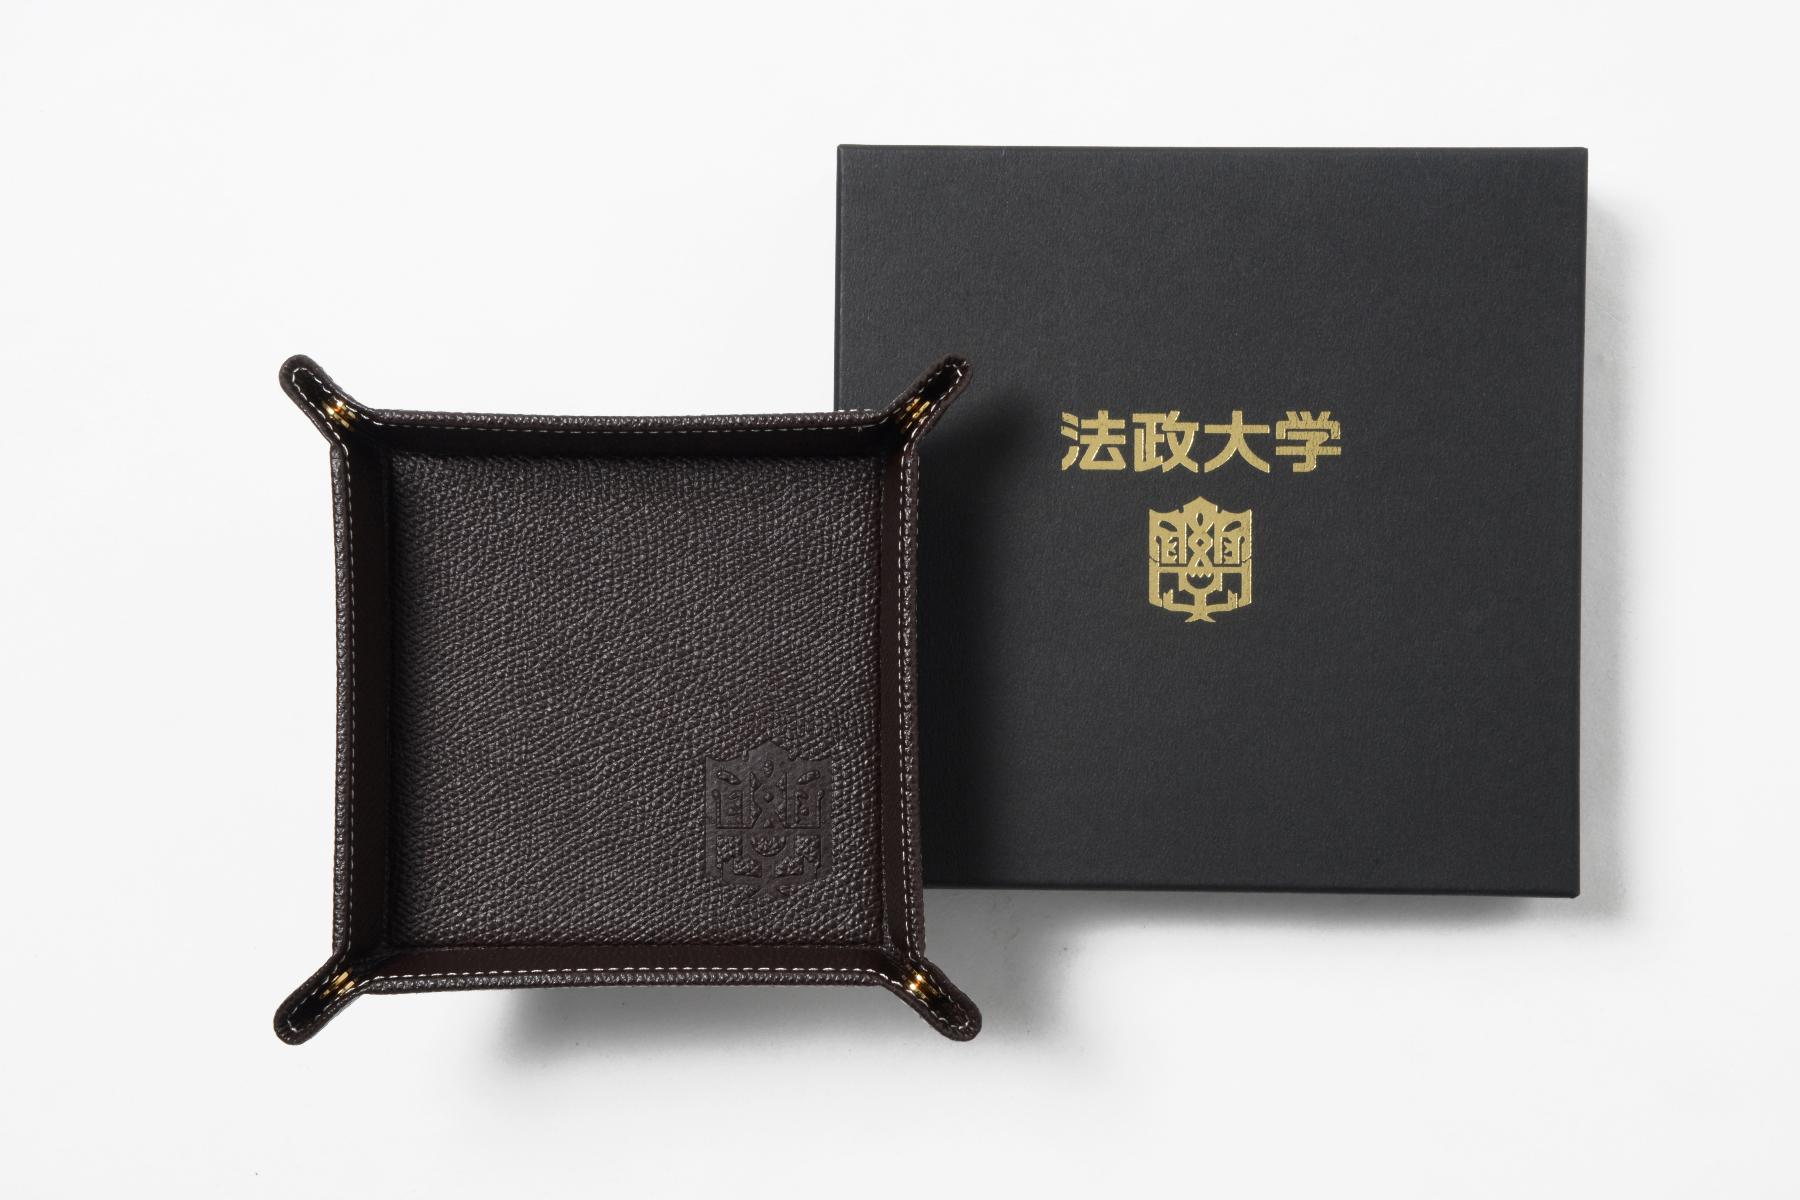 法政大学様の名入れ記念品と化粧箱